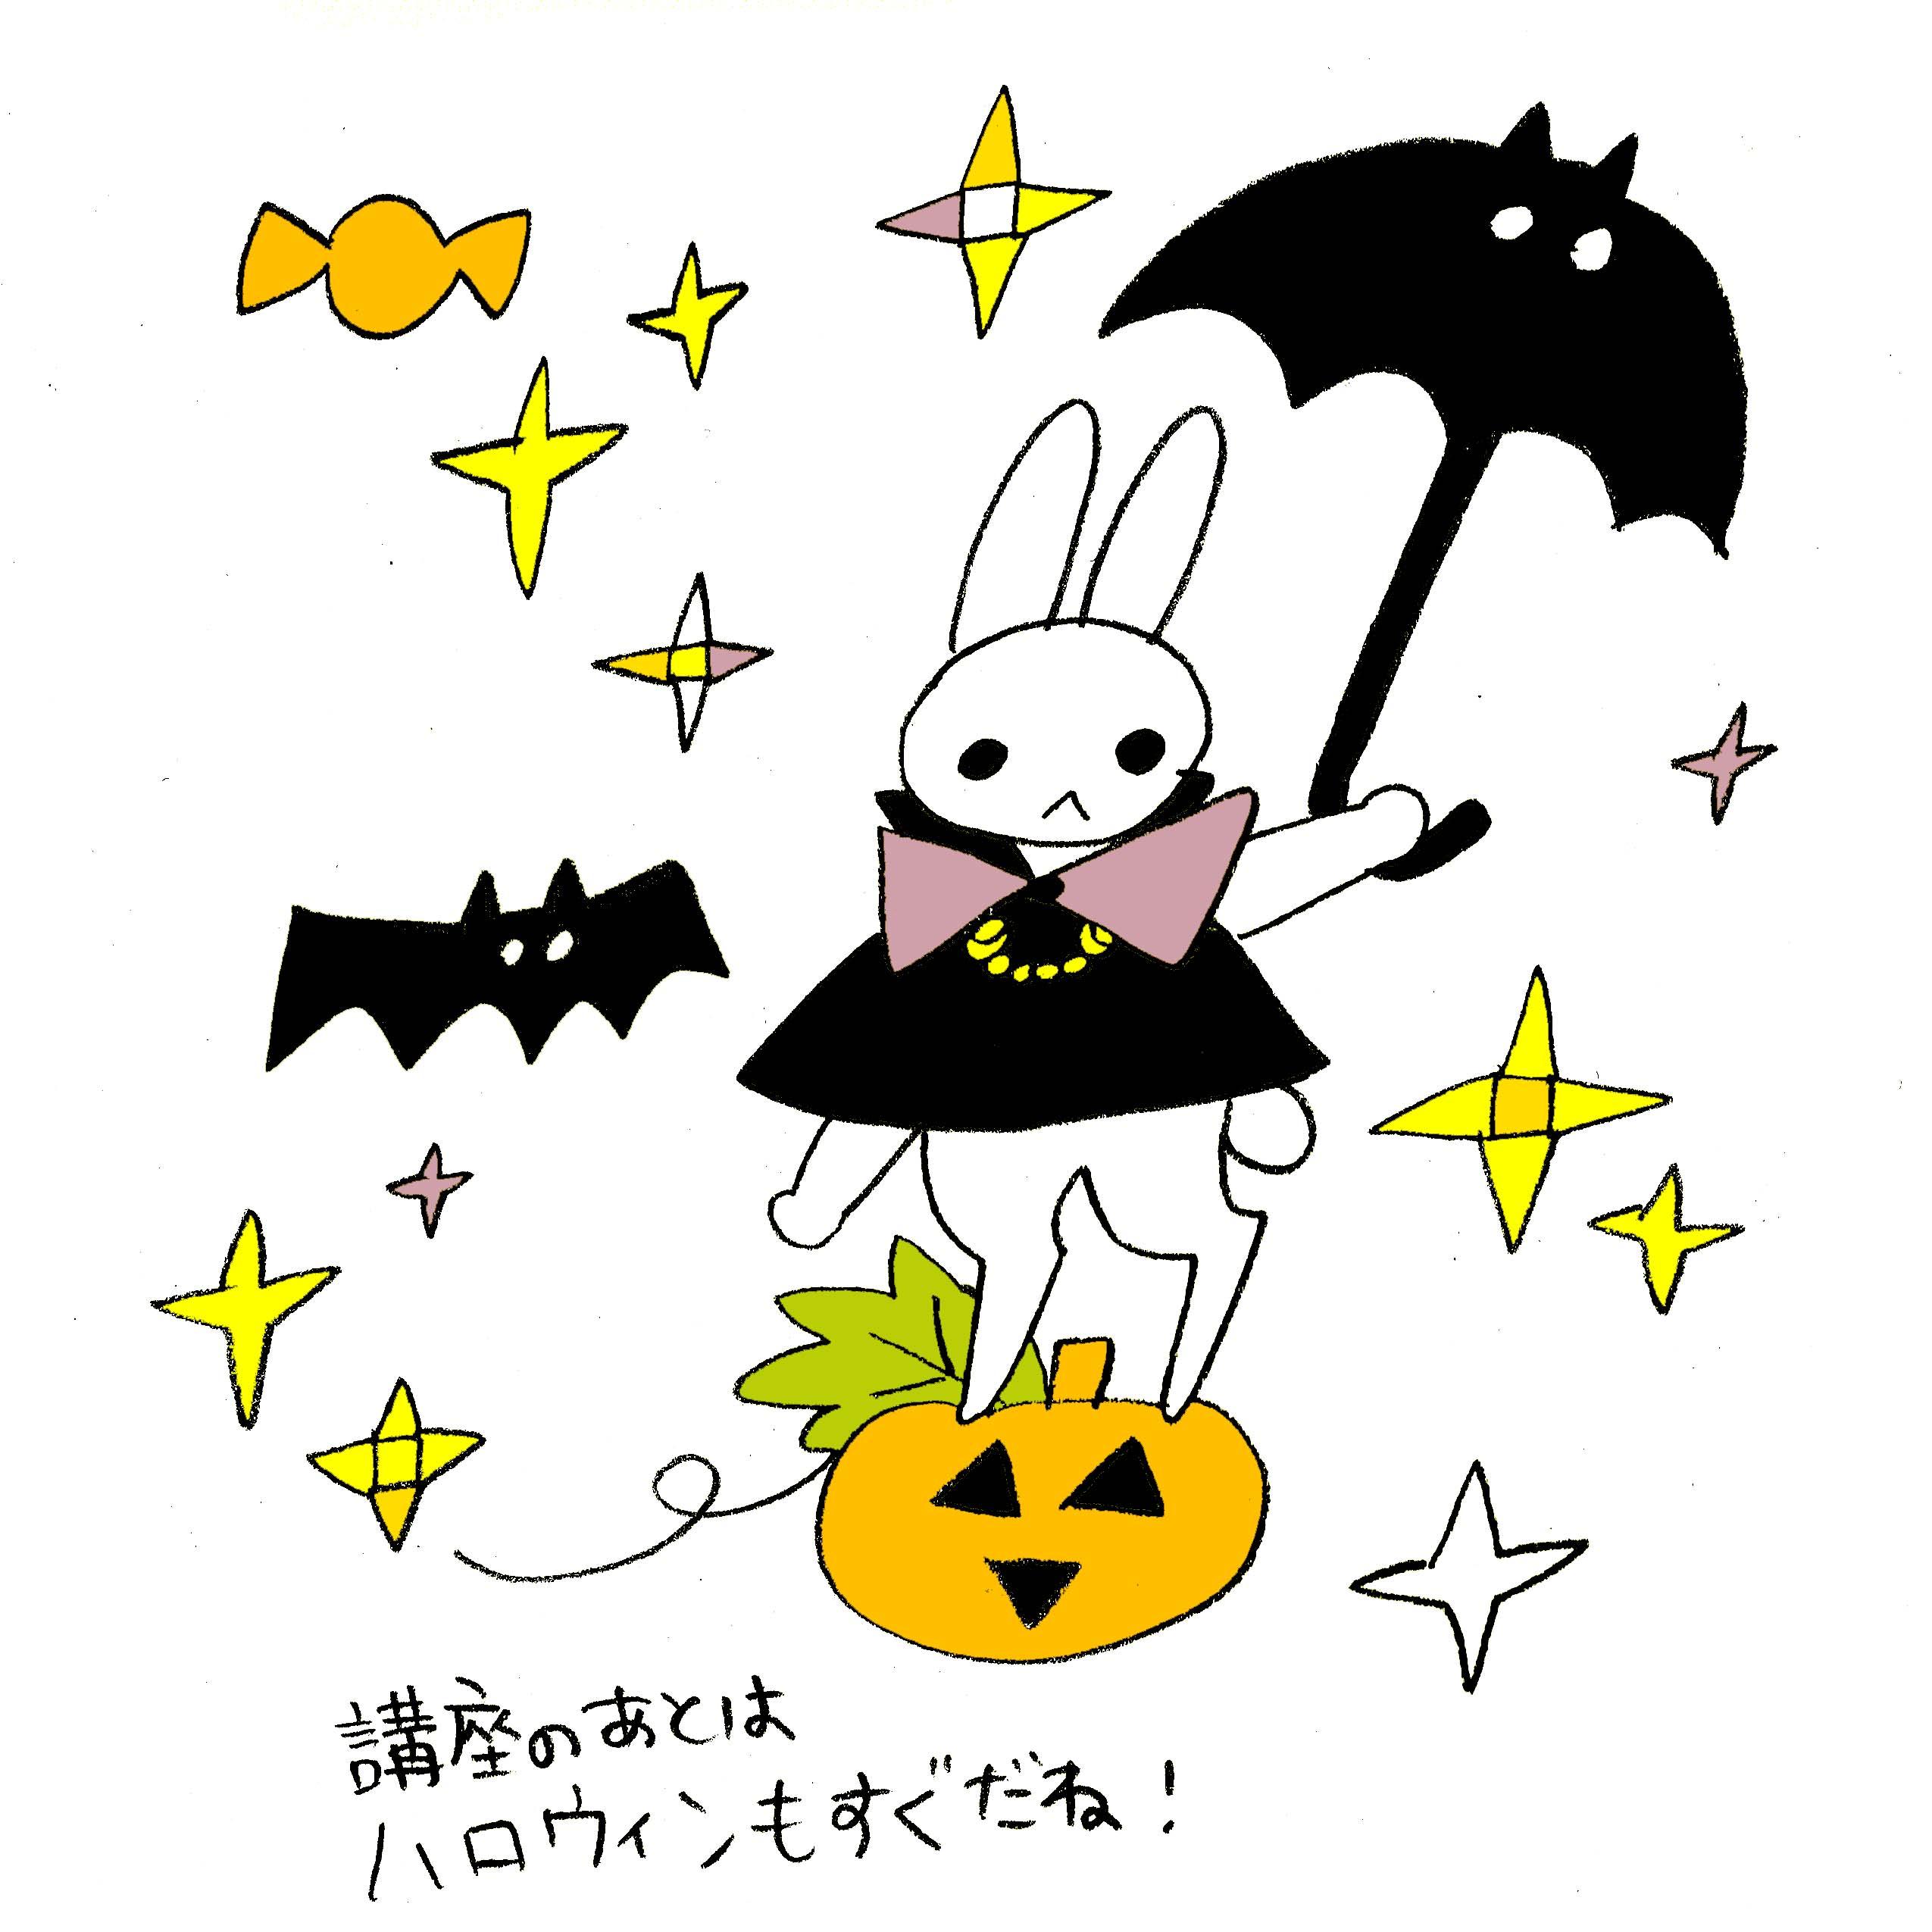 kokuchi_03